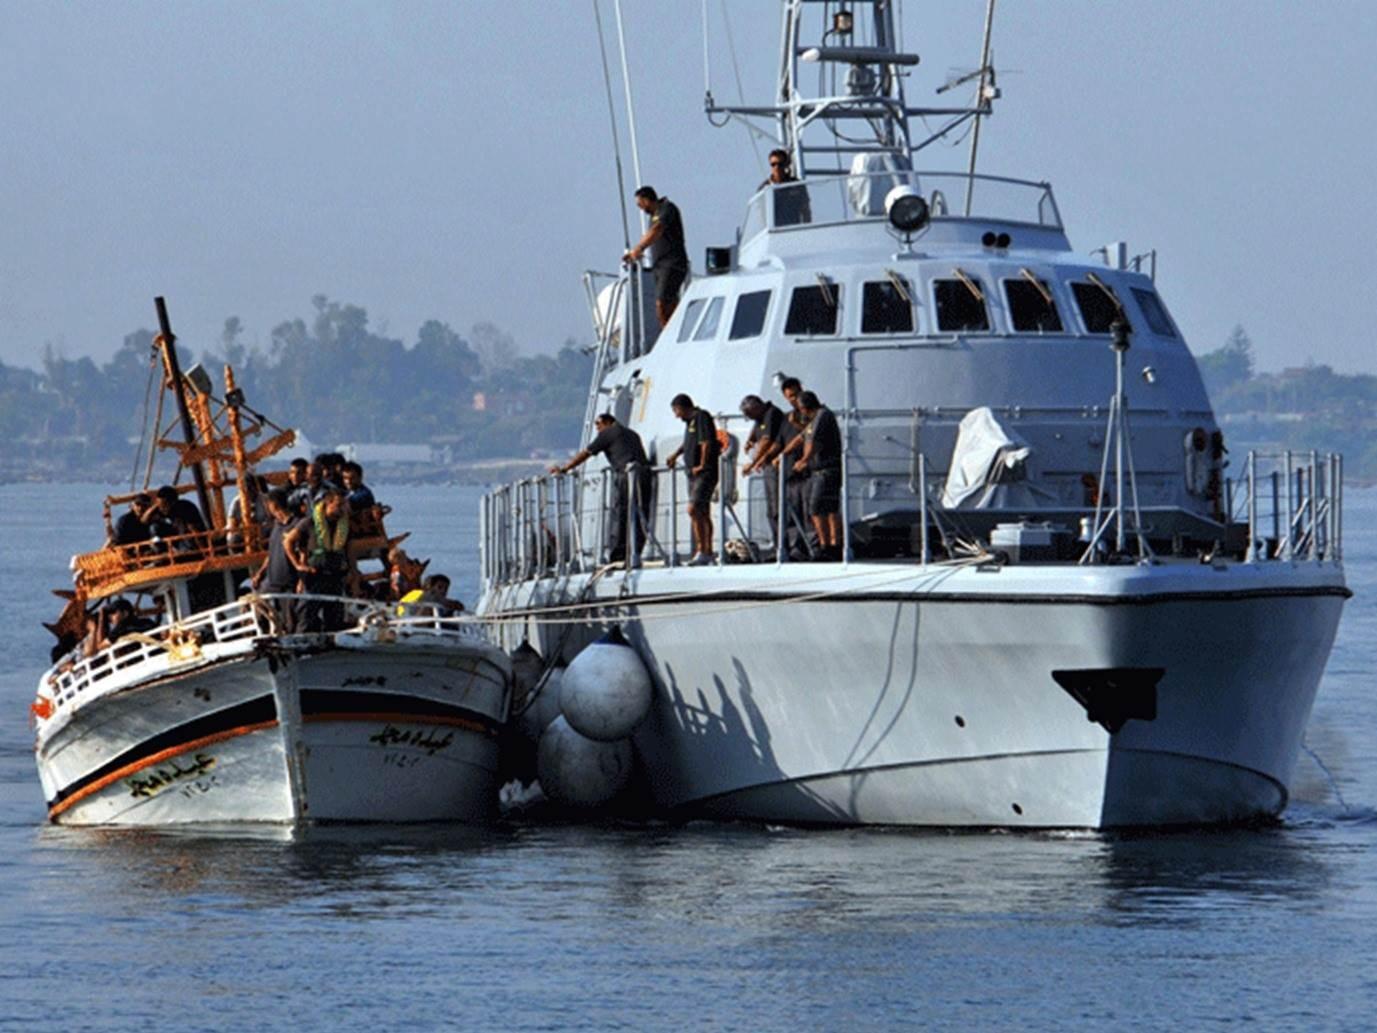 السلطات الإيطالية تحتجز سفينة تديرها منظمة ألمانية غير حكومية